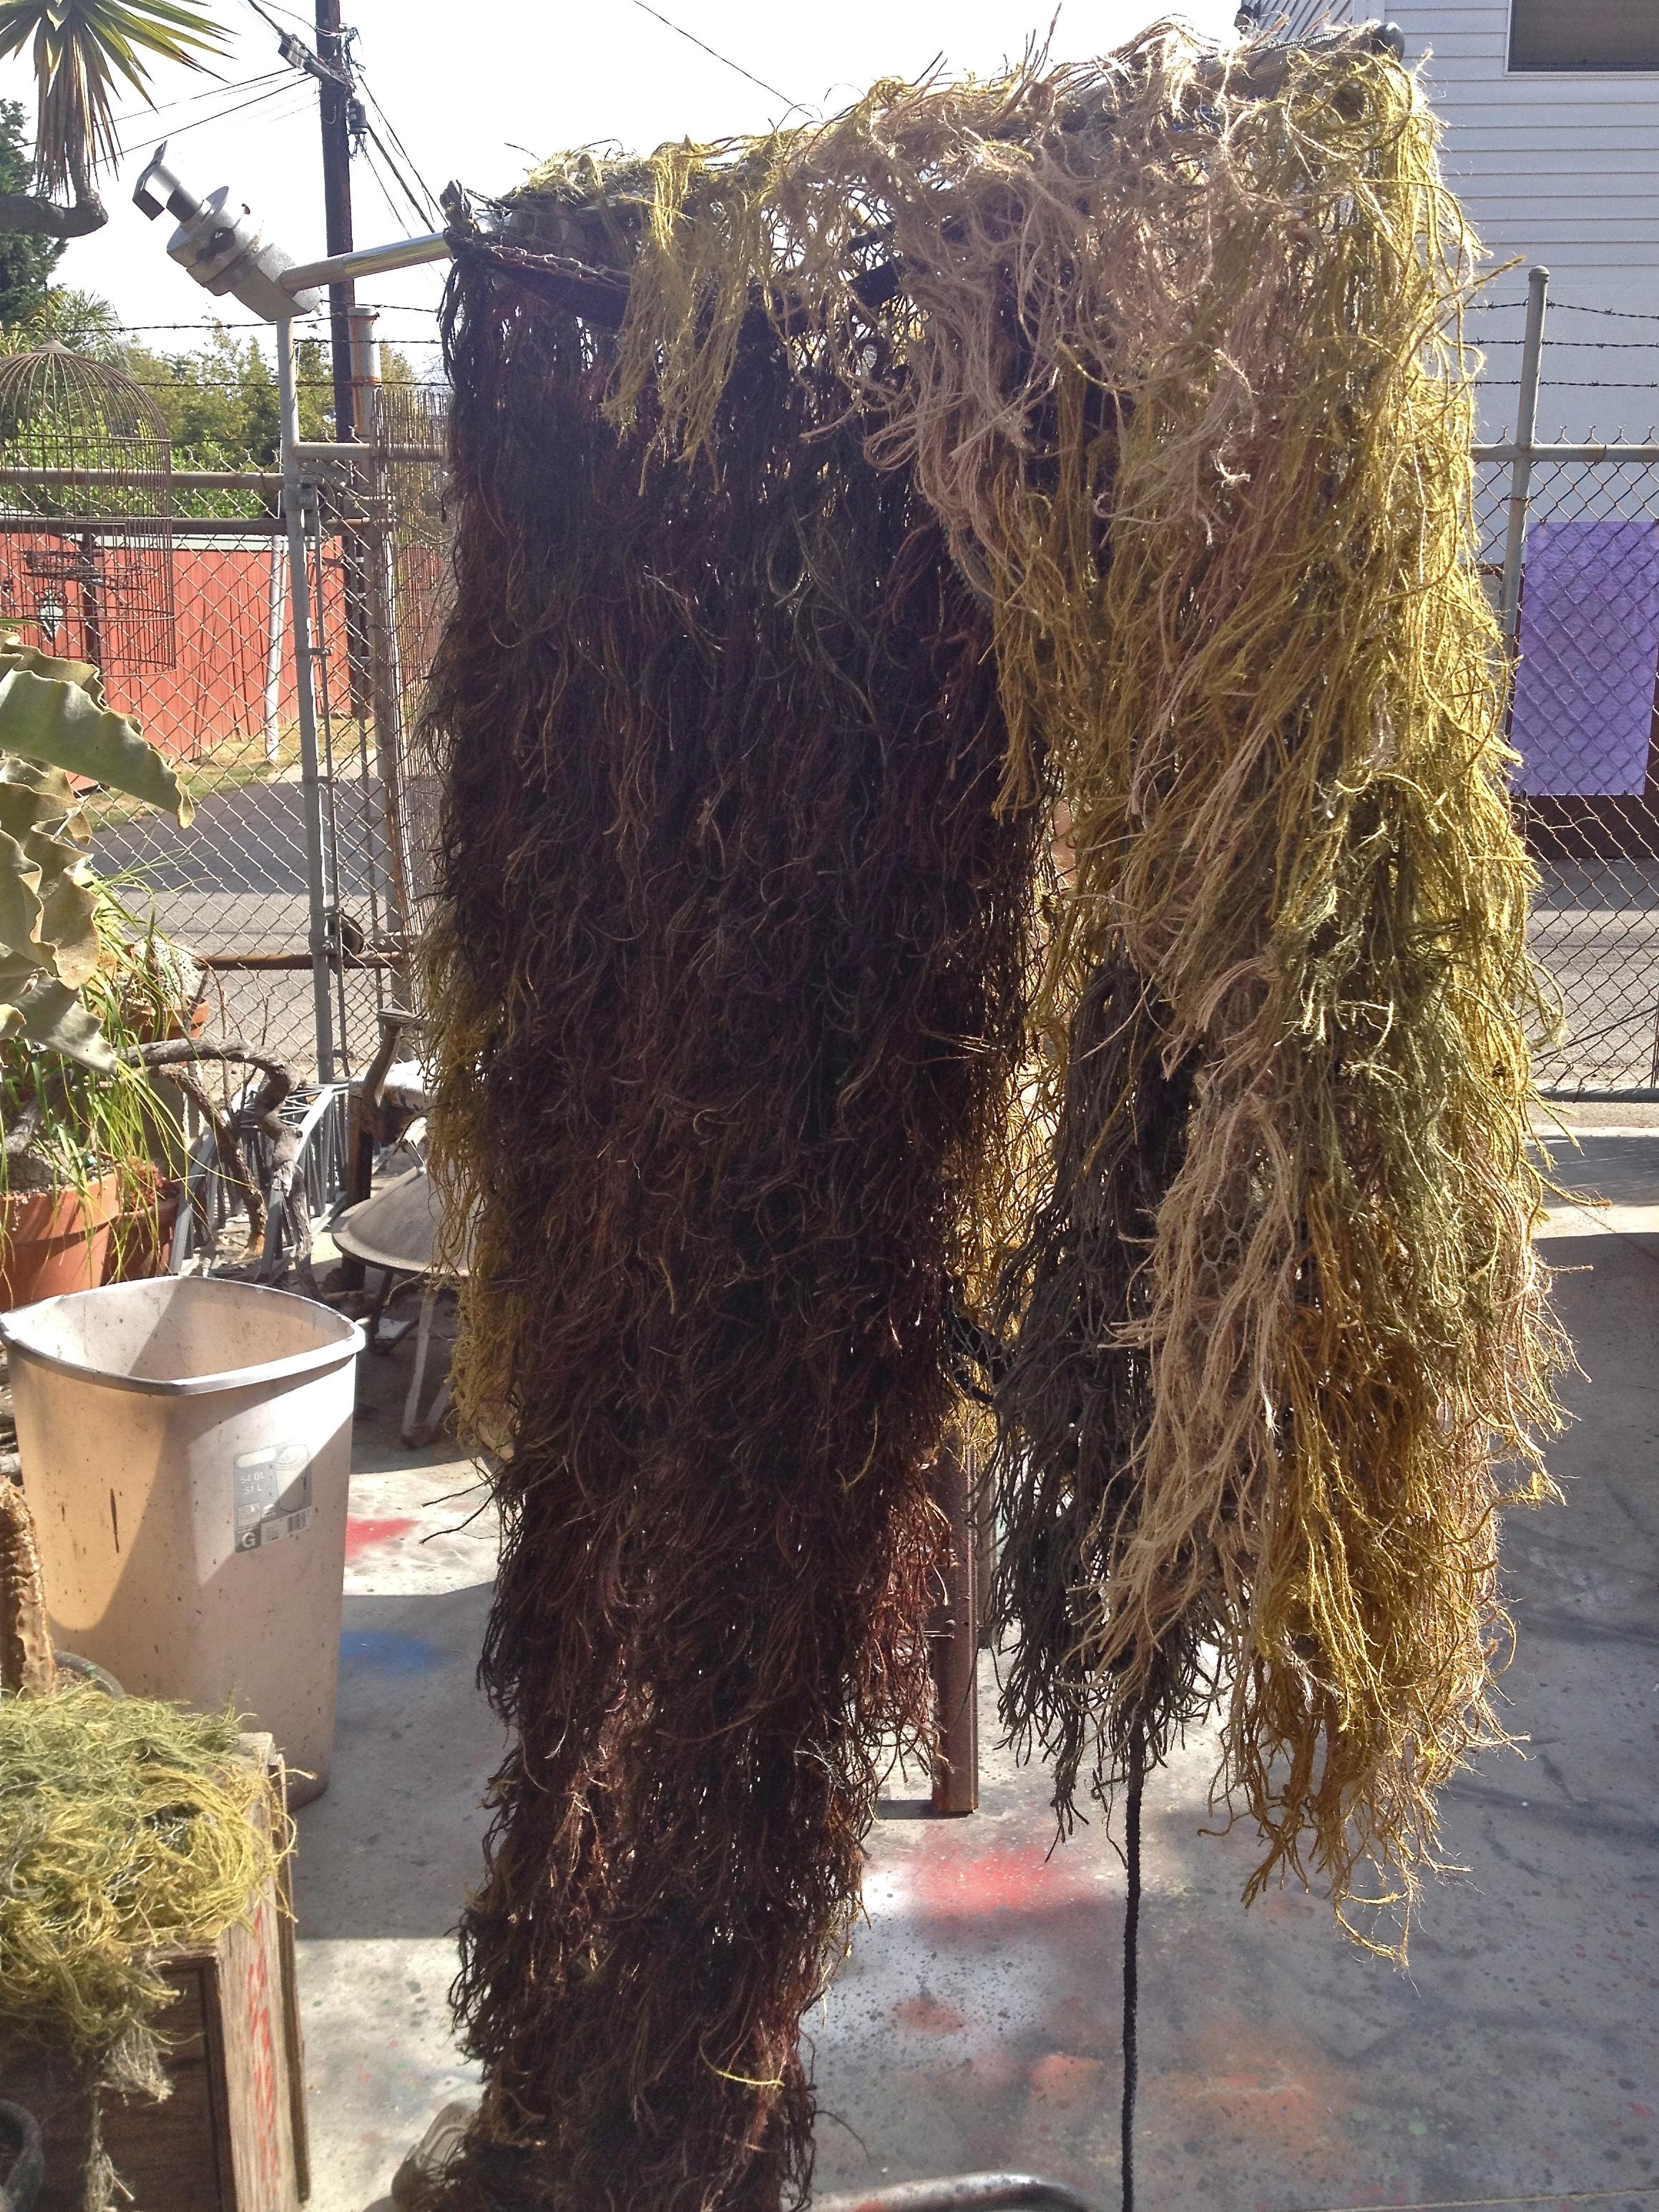 A monster carcass hangs in the backyard.